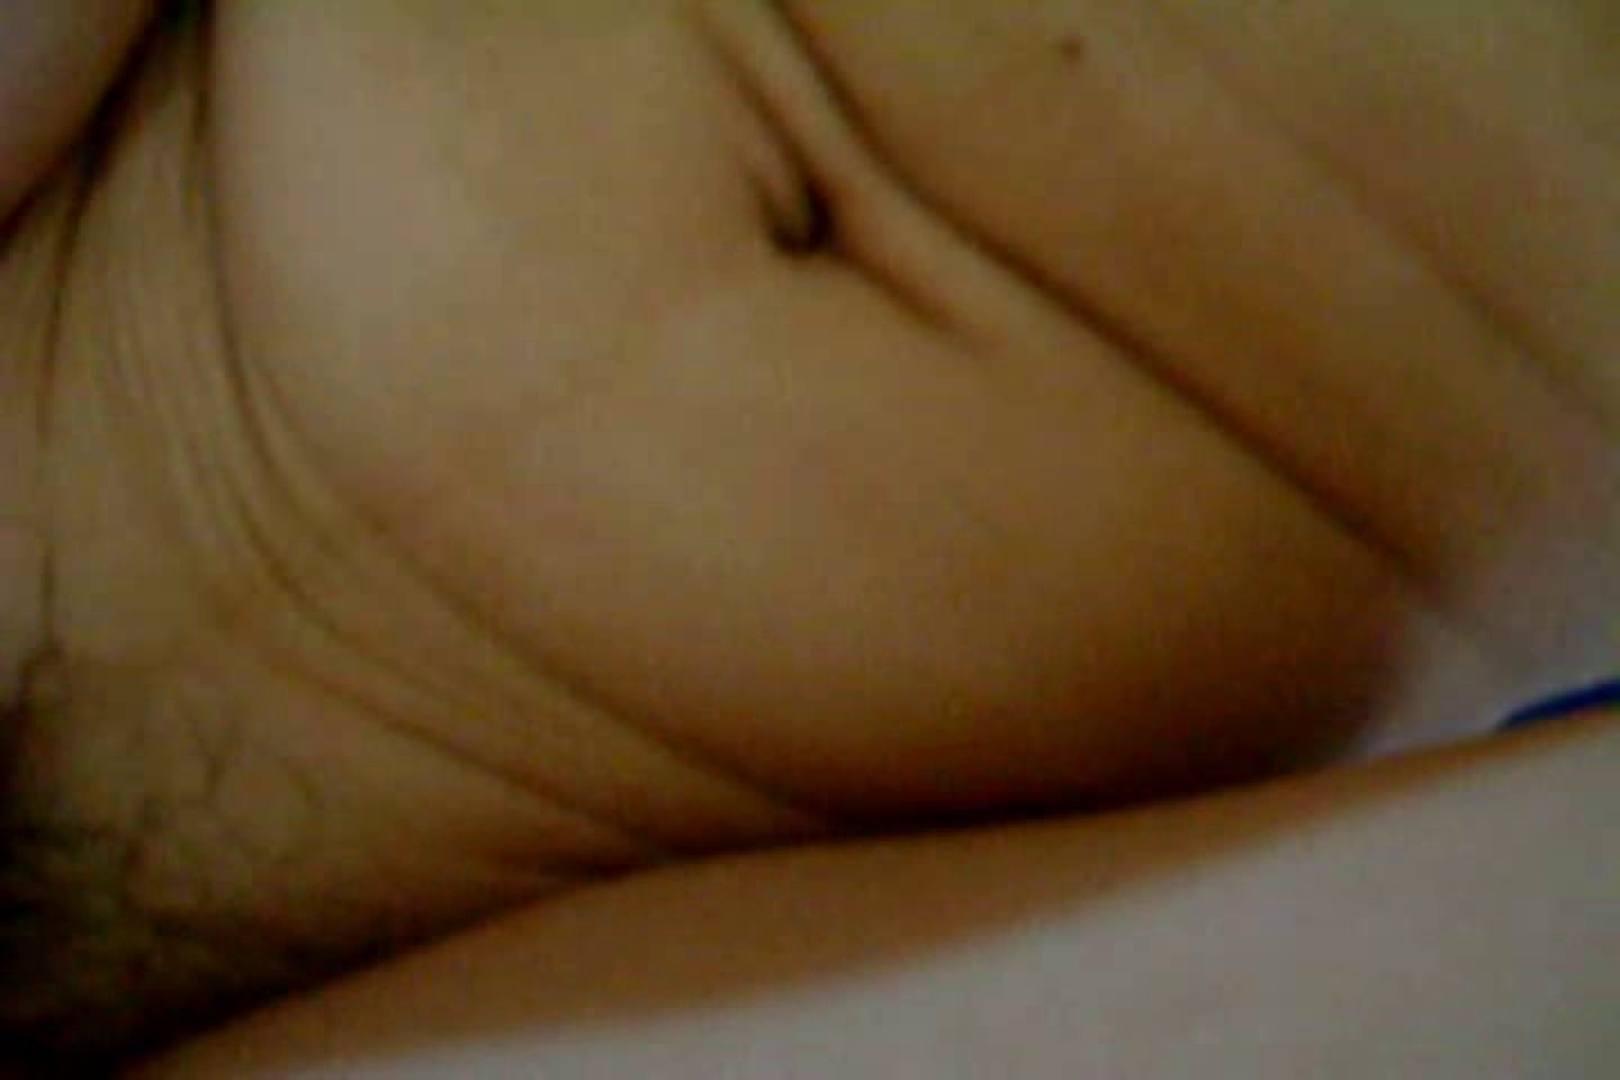 ウイルス流出 鹿児島県庁職員 中瀬瀬久成の流出ビデオ 流出作品  86pic 74